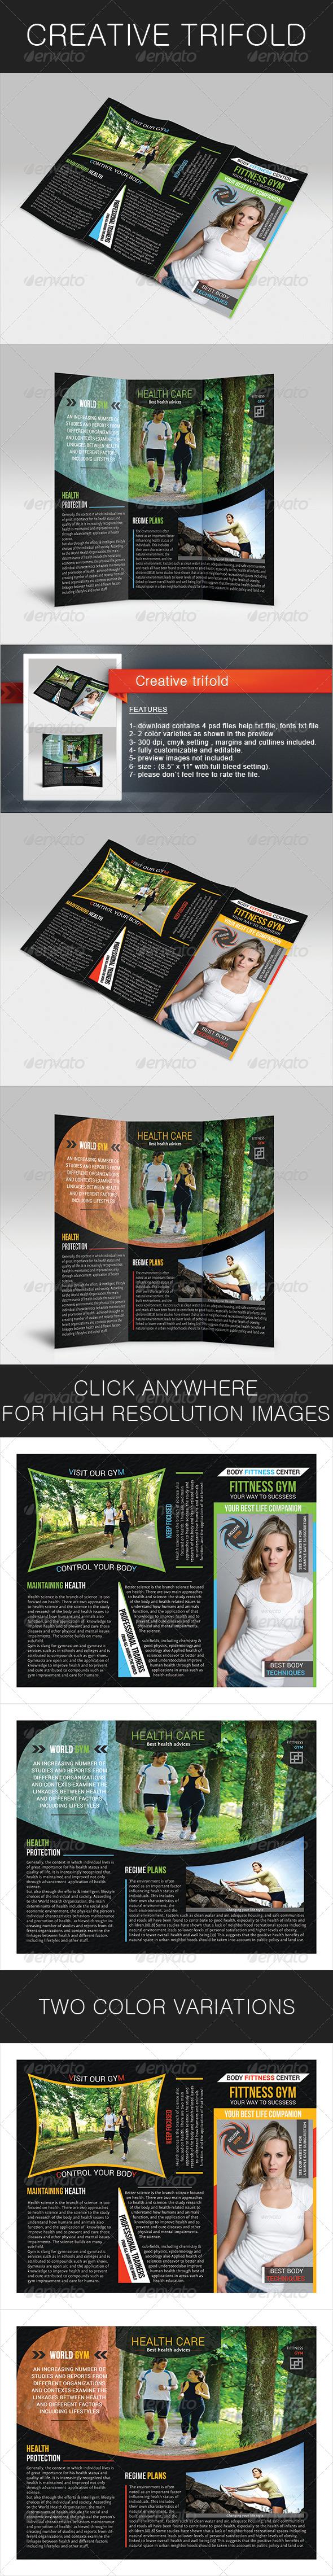 GraphicRiver Creative Trifold 5484691